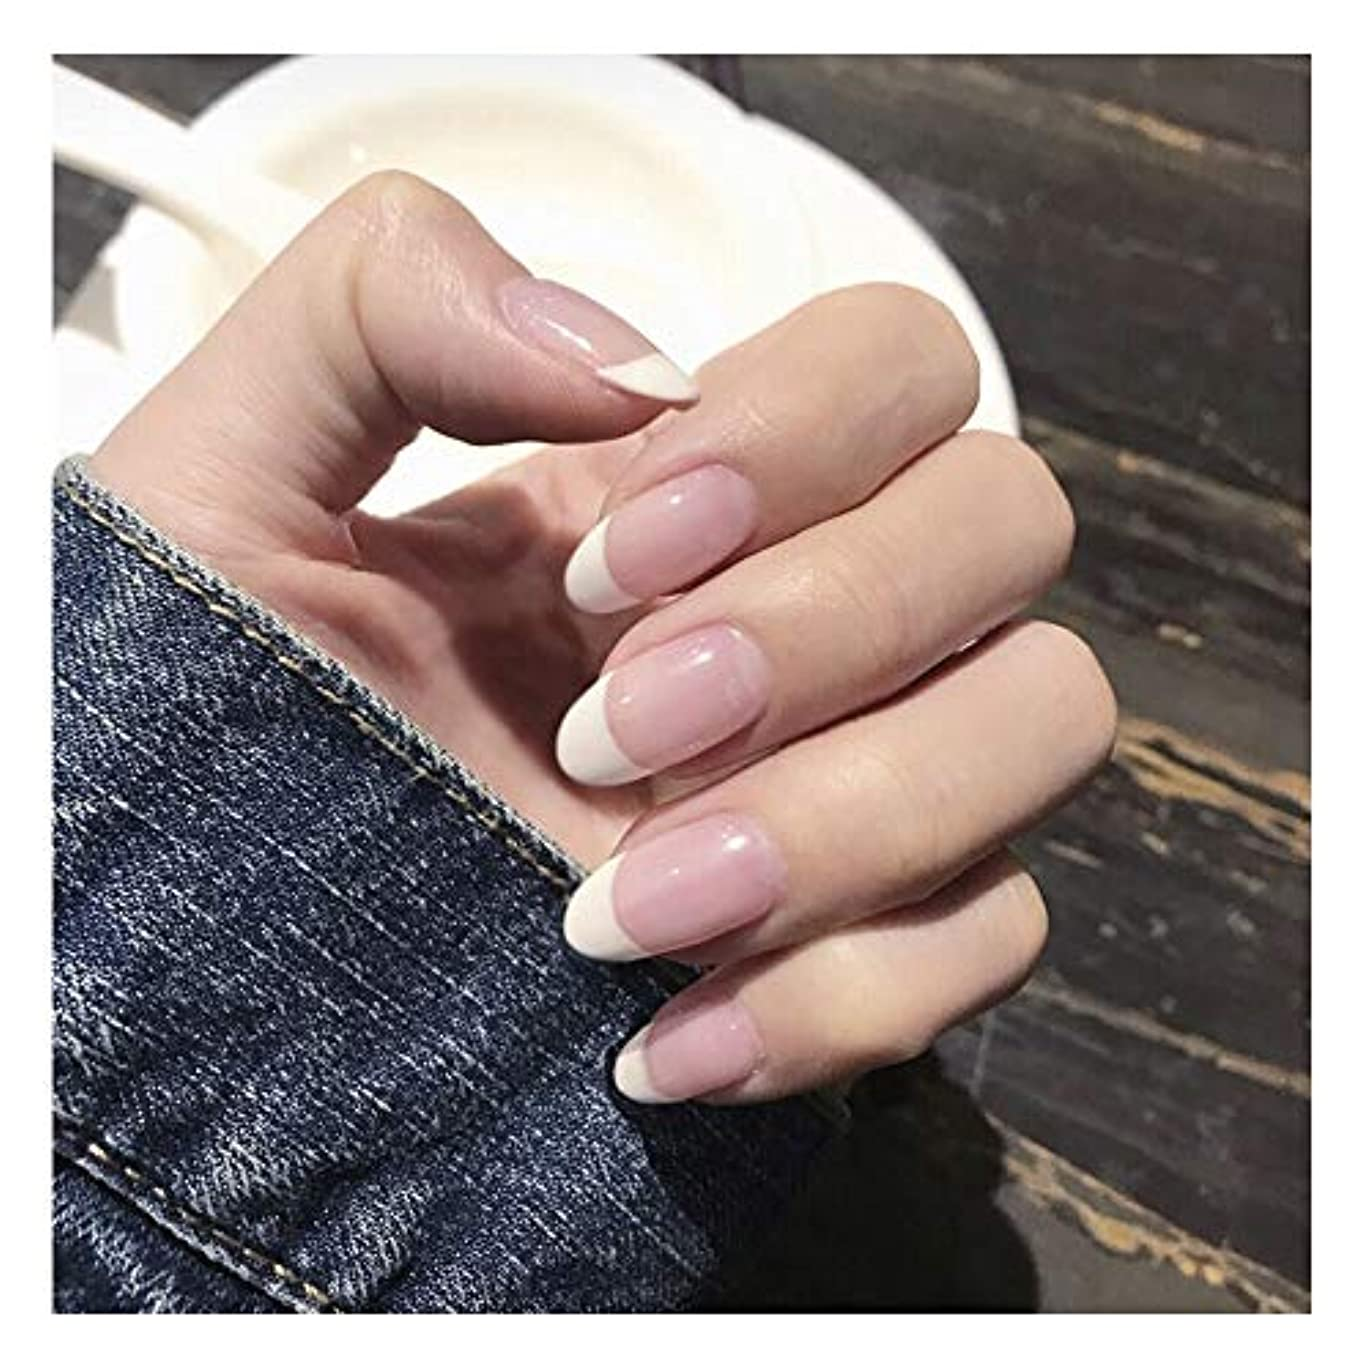 り受信女性HOHYLLYA 透明ピンク+ホワイト下部偽爪ロングネイルズグルー完成ネイル偽爪を指摘しました (色 : 24 pieces)